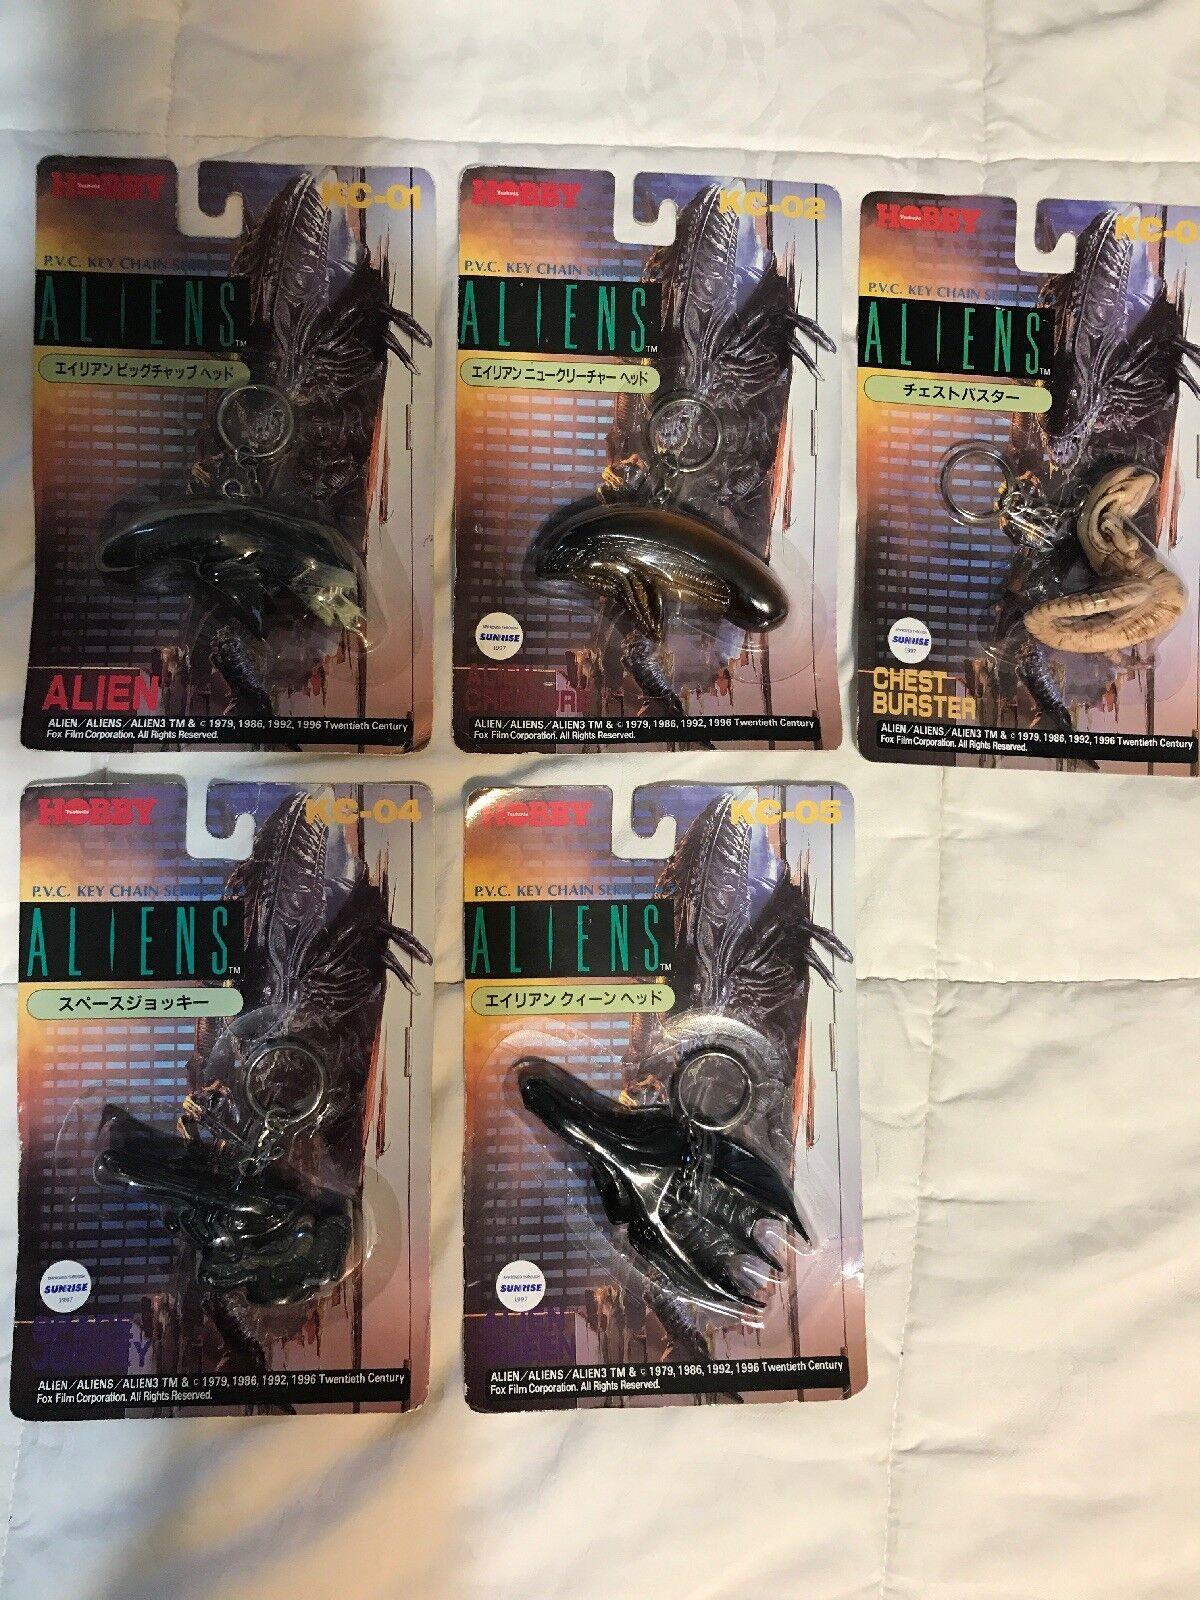 Aliens Tsukauda Hobby Key Chain Sällsynta japanska importeraeraeraera Nästan komplett